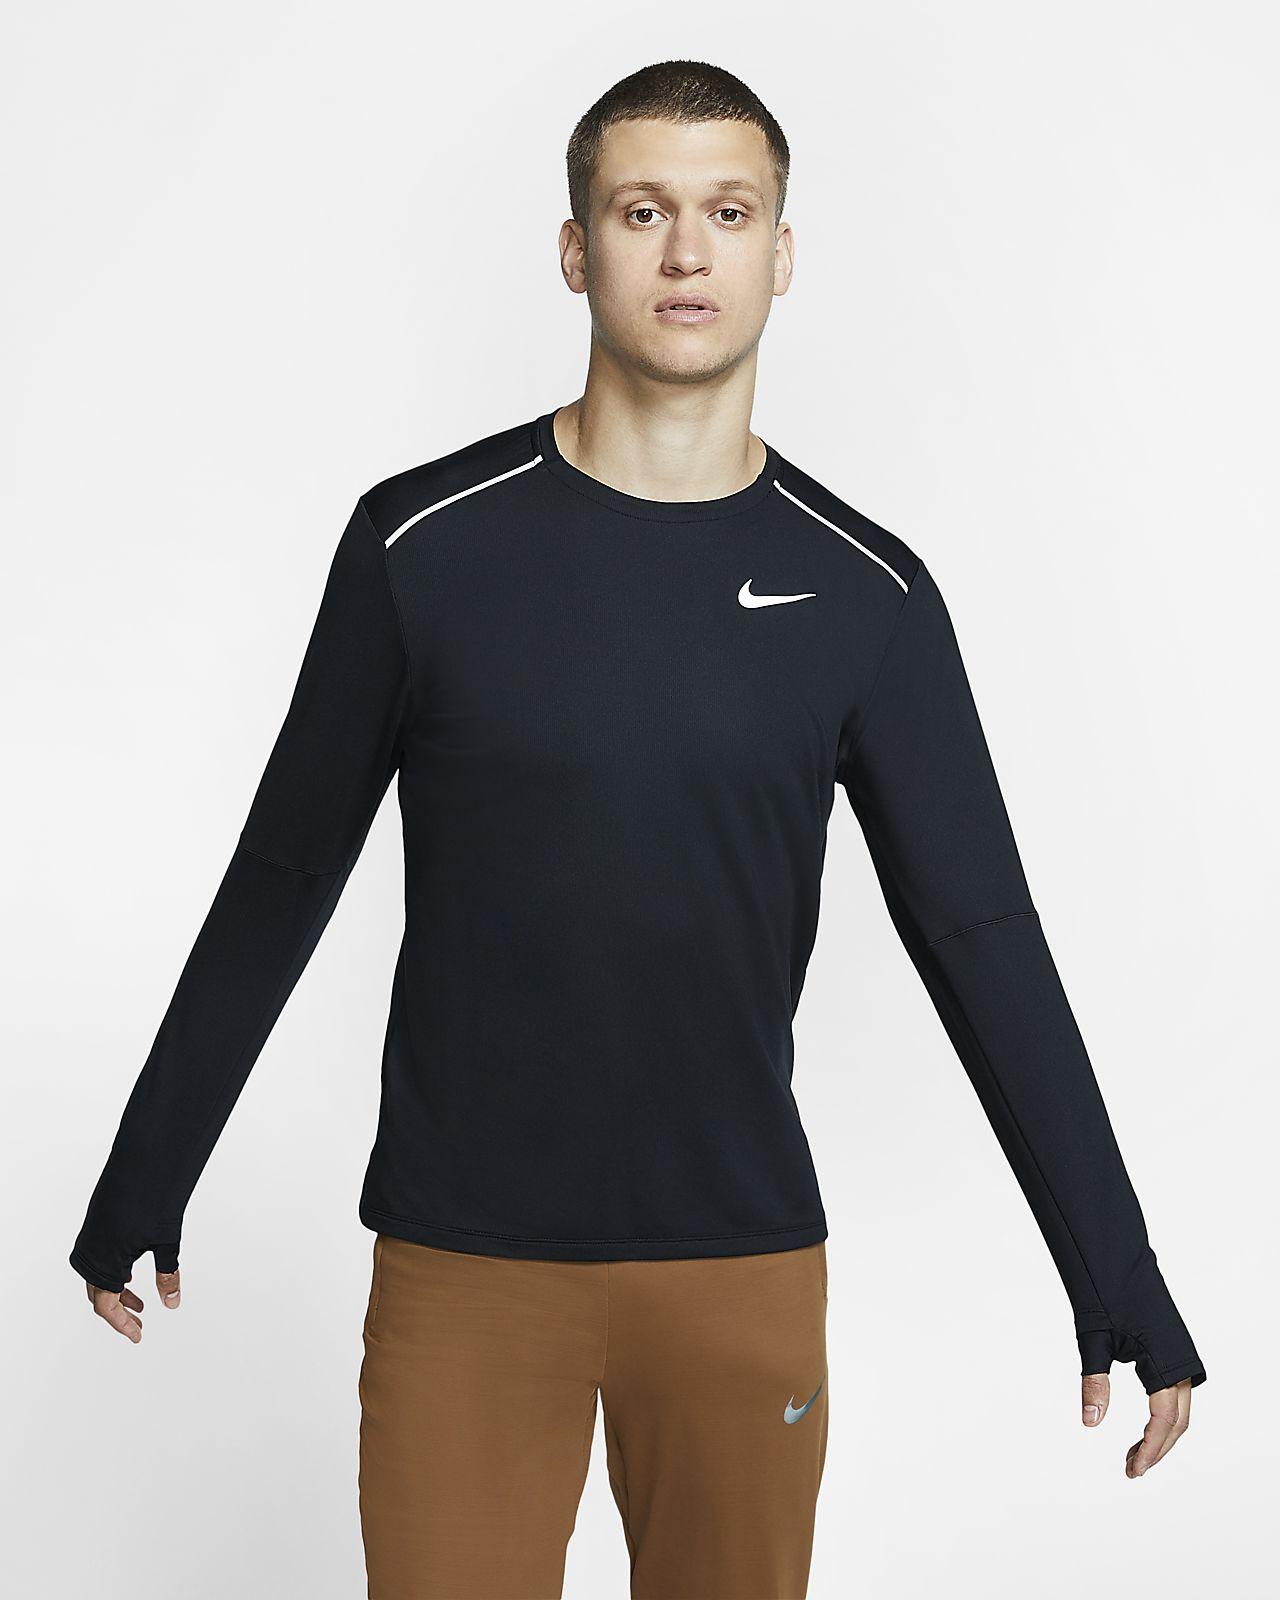 Ανδρική μπλούζα για τρέξιμο Nike 3.0